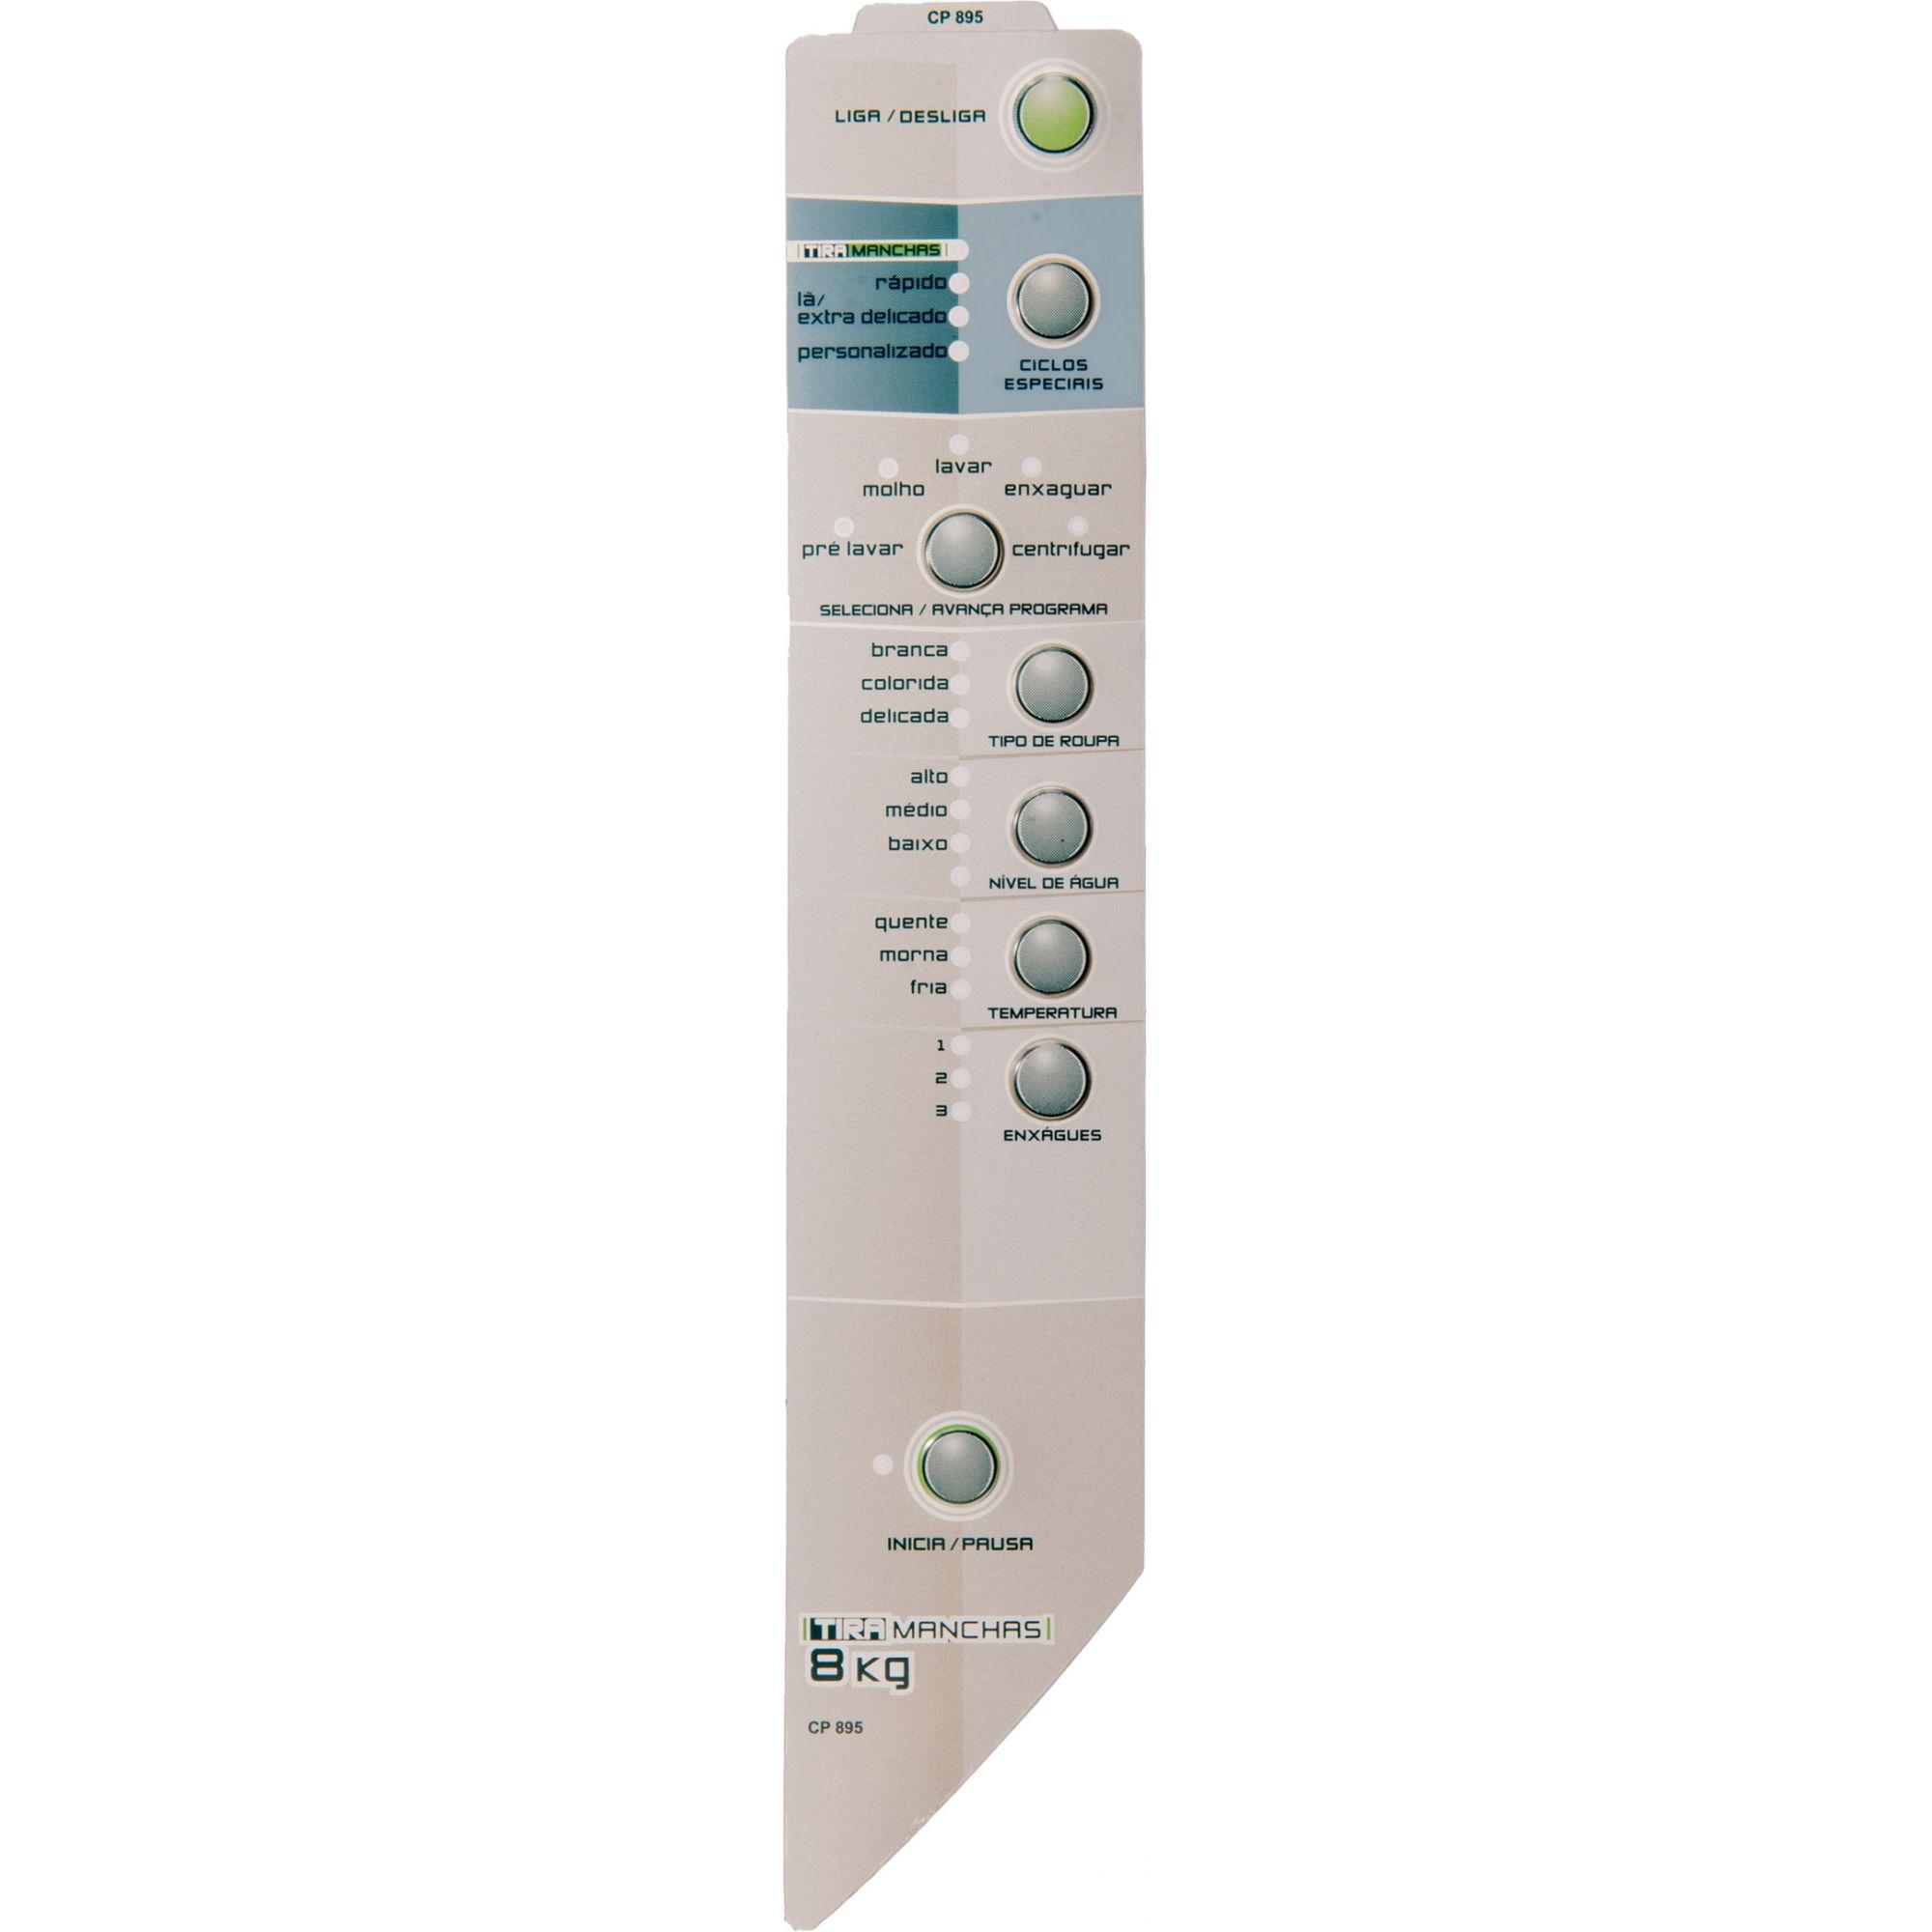 Painel Decorativo Compatível Lavadora BWT08C Tira Mancha 8Kg Velazquez Direito 326035815-CP0895